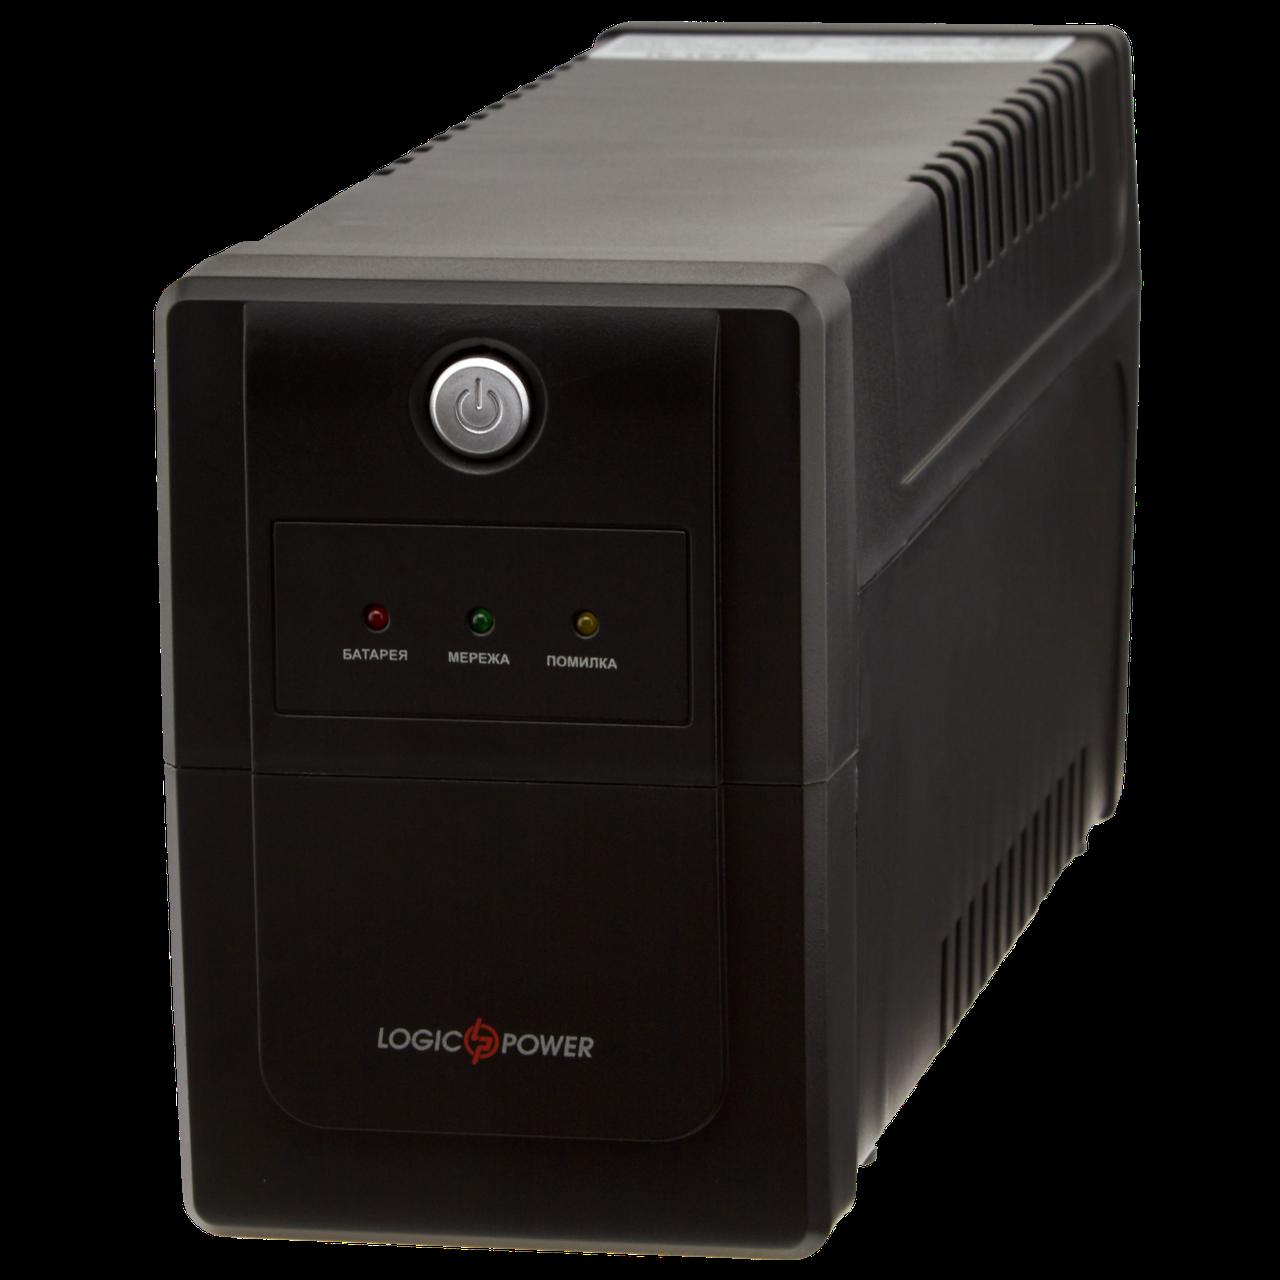 ИБП линейно-интерактивный LogicPower LPM-825VA-P